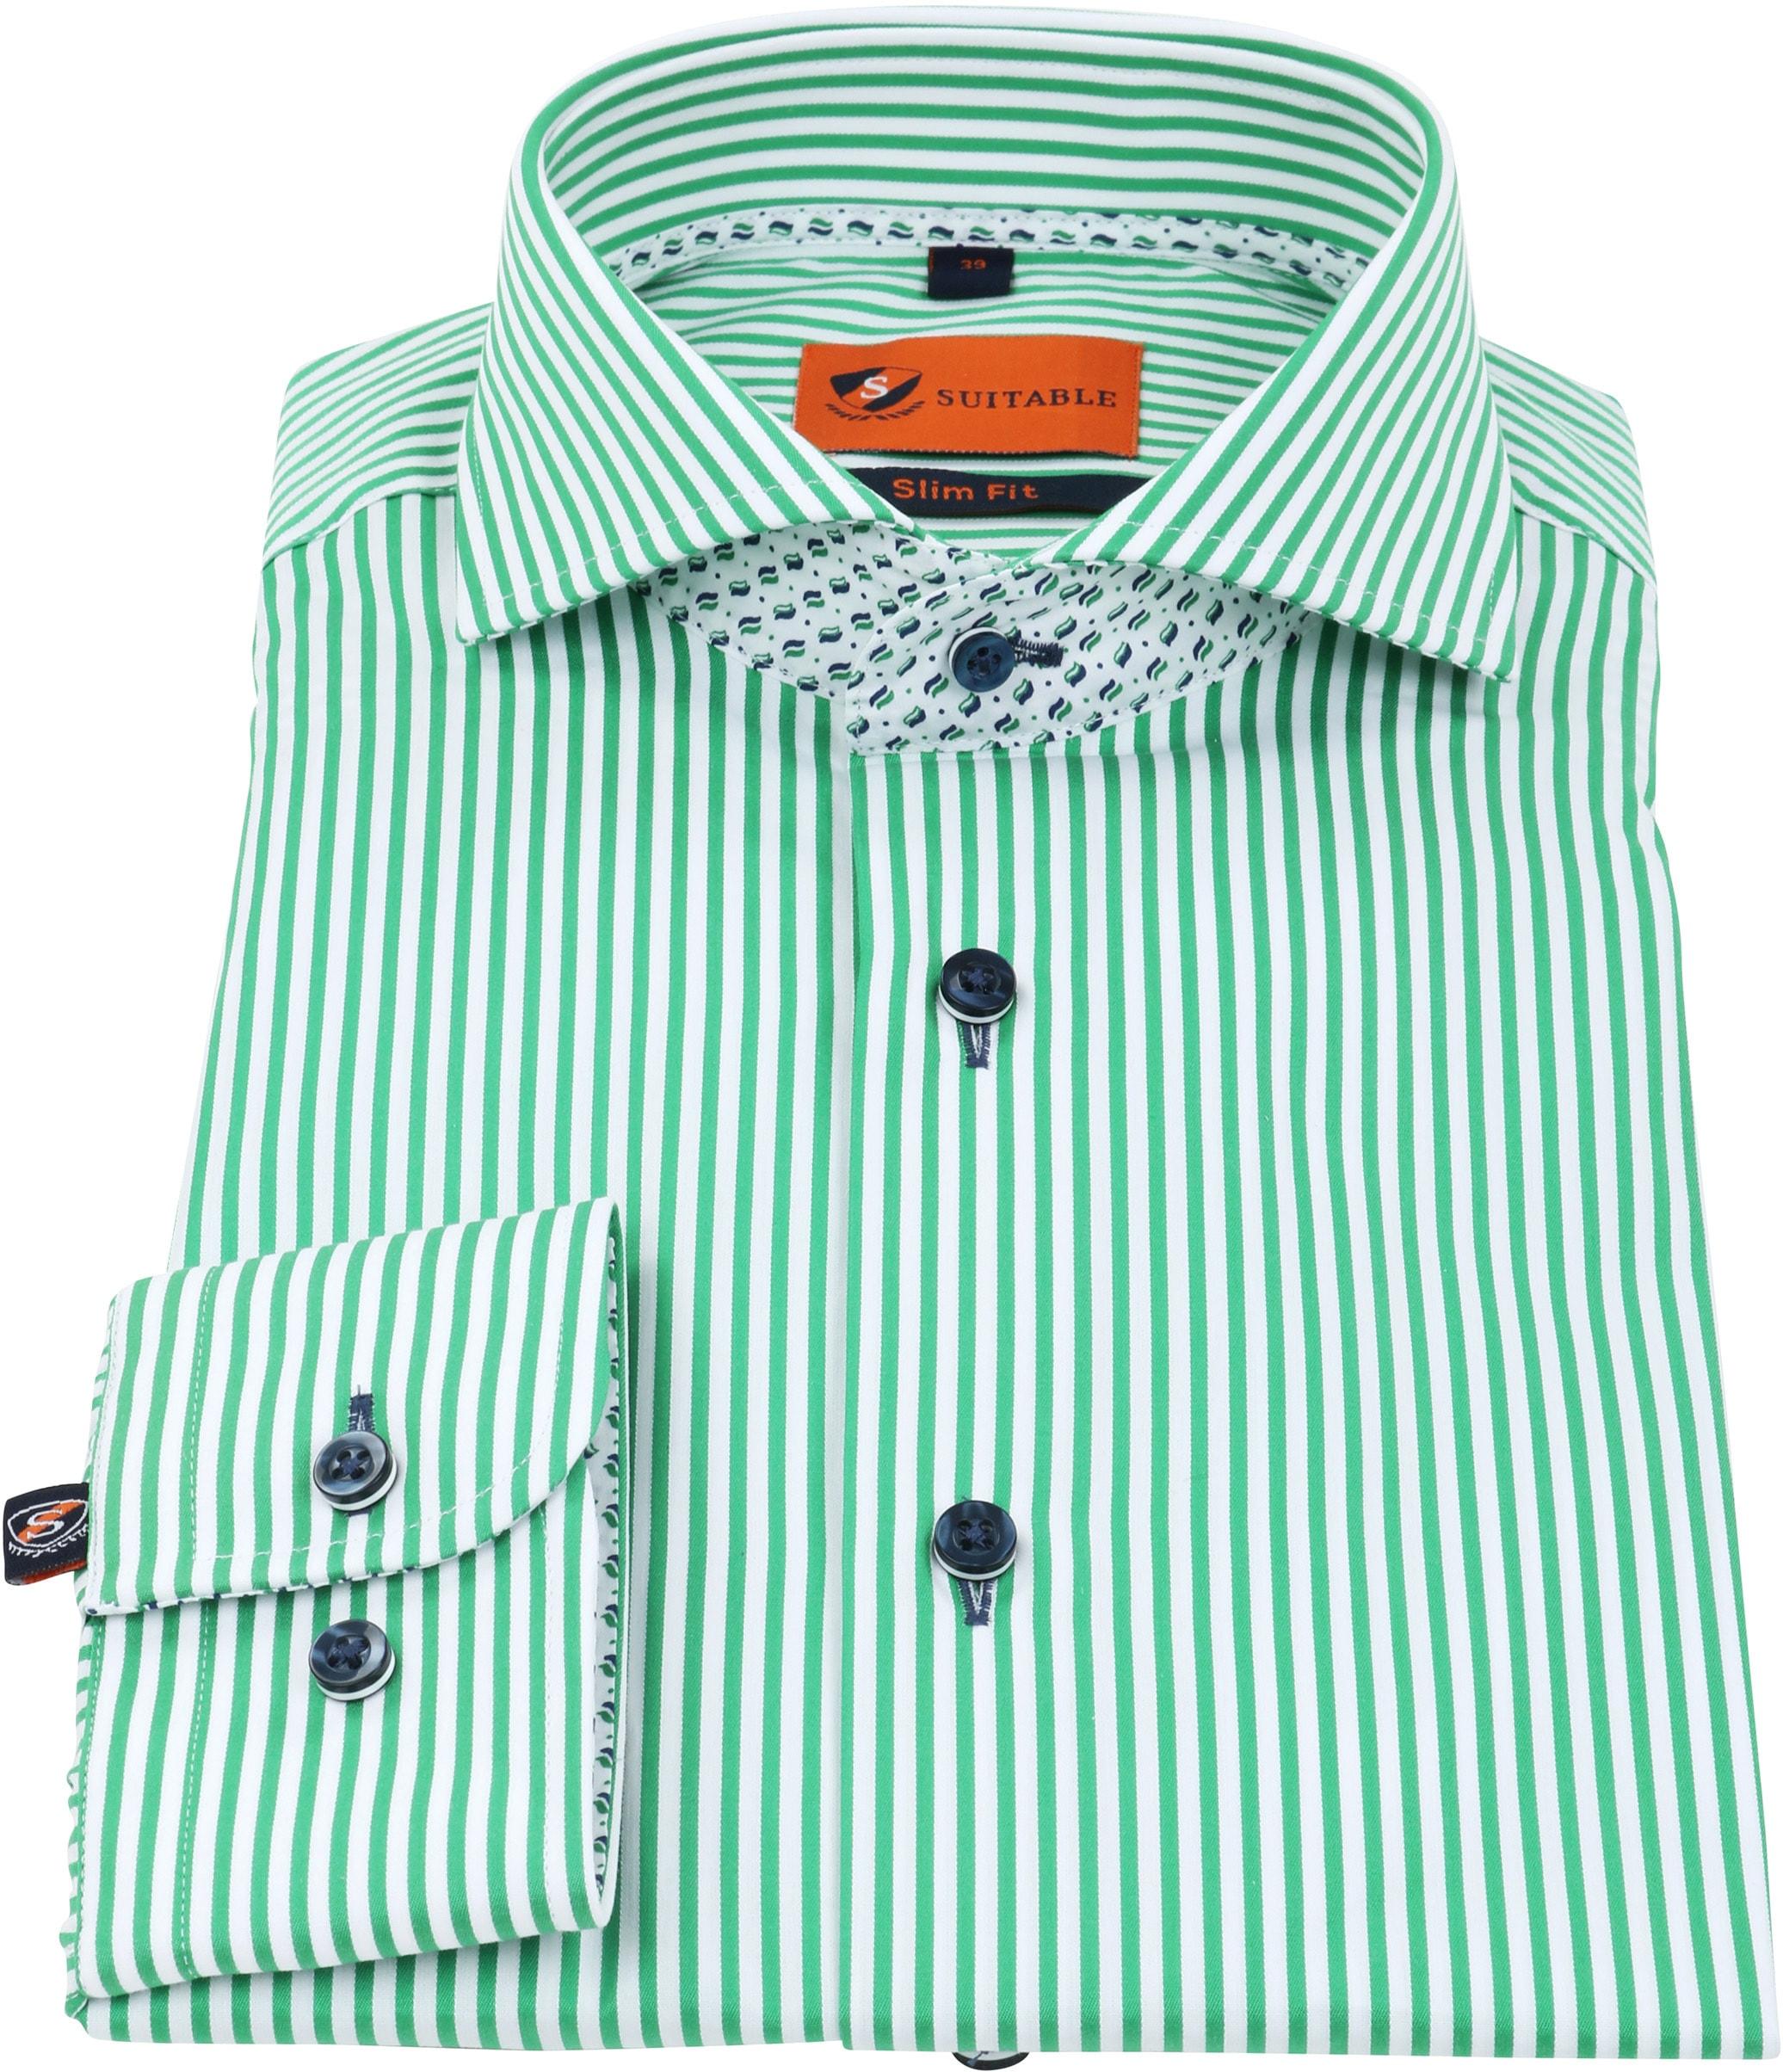 Suitable Overhemd Strepen Groen 174-6 foto 2